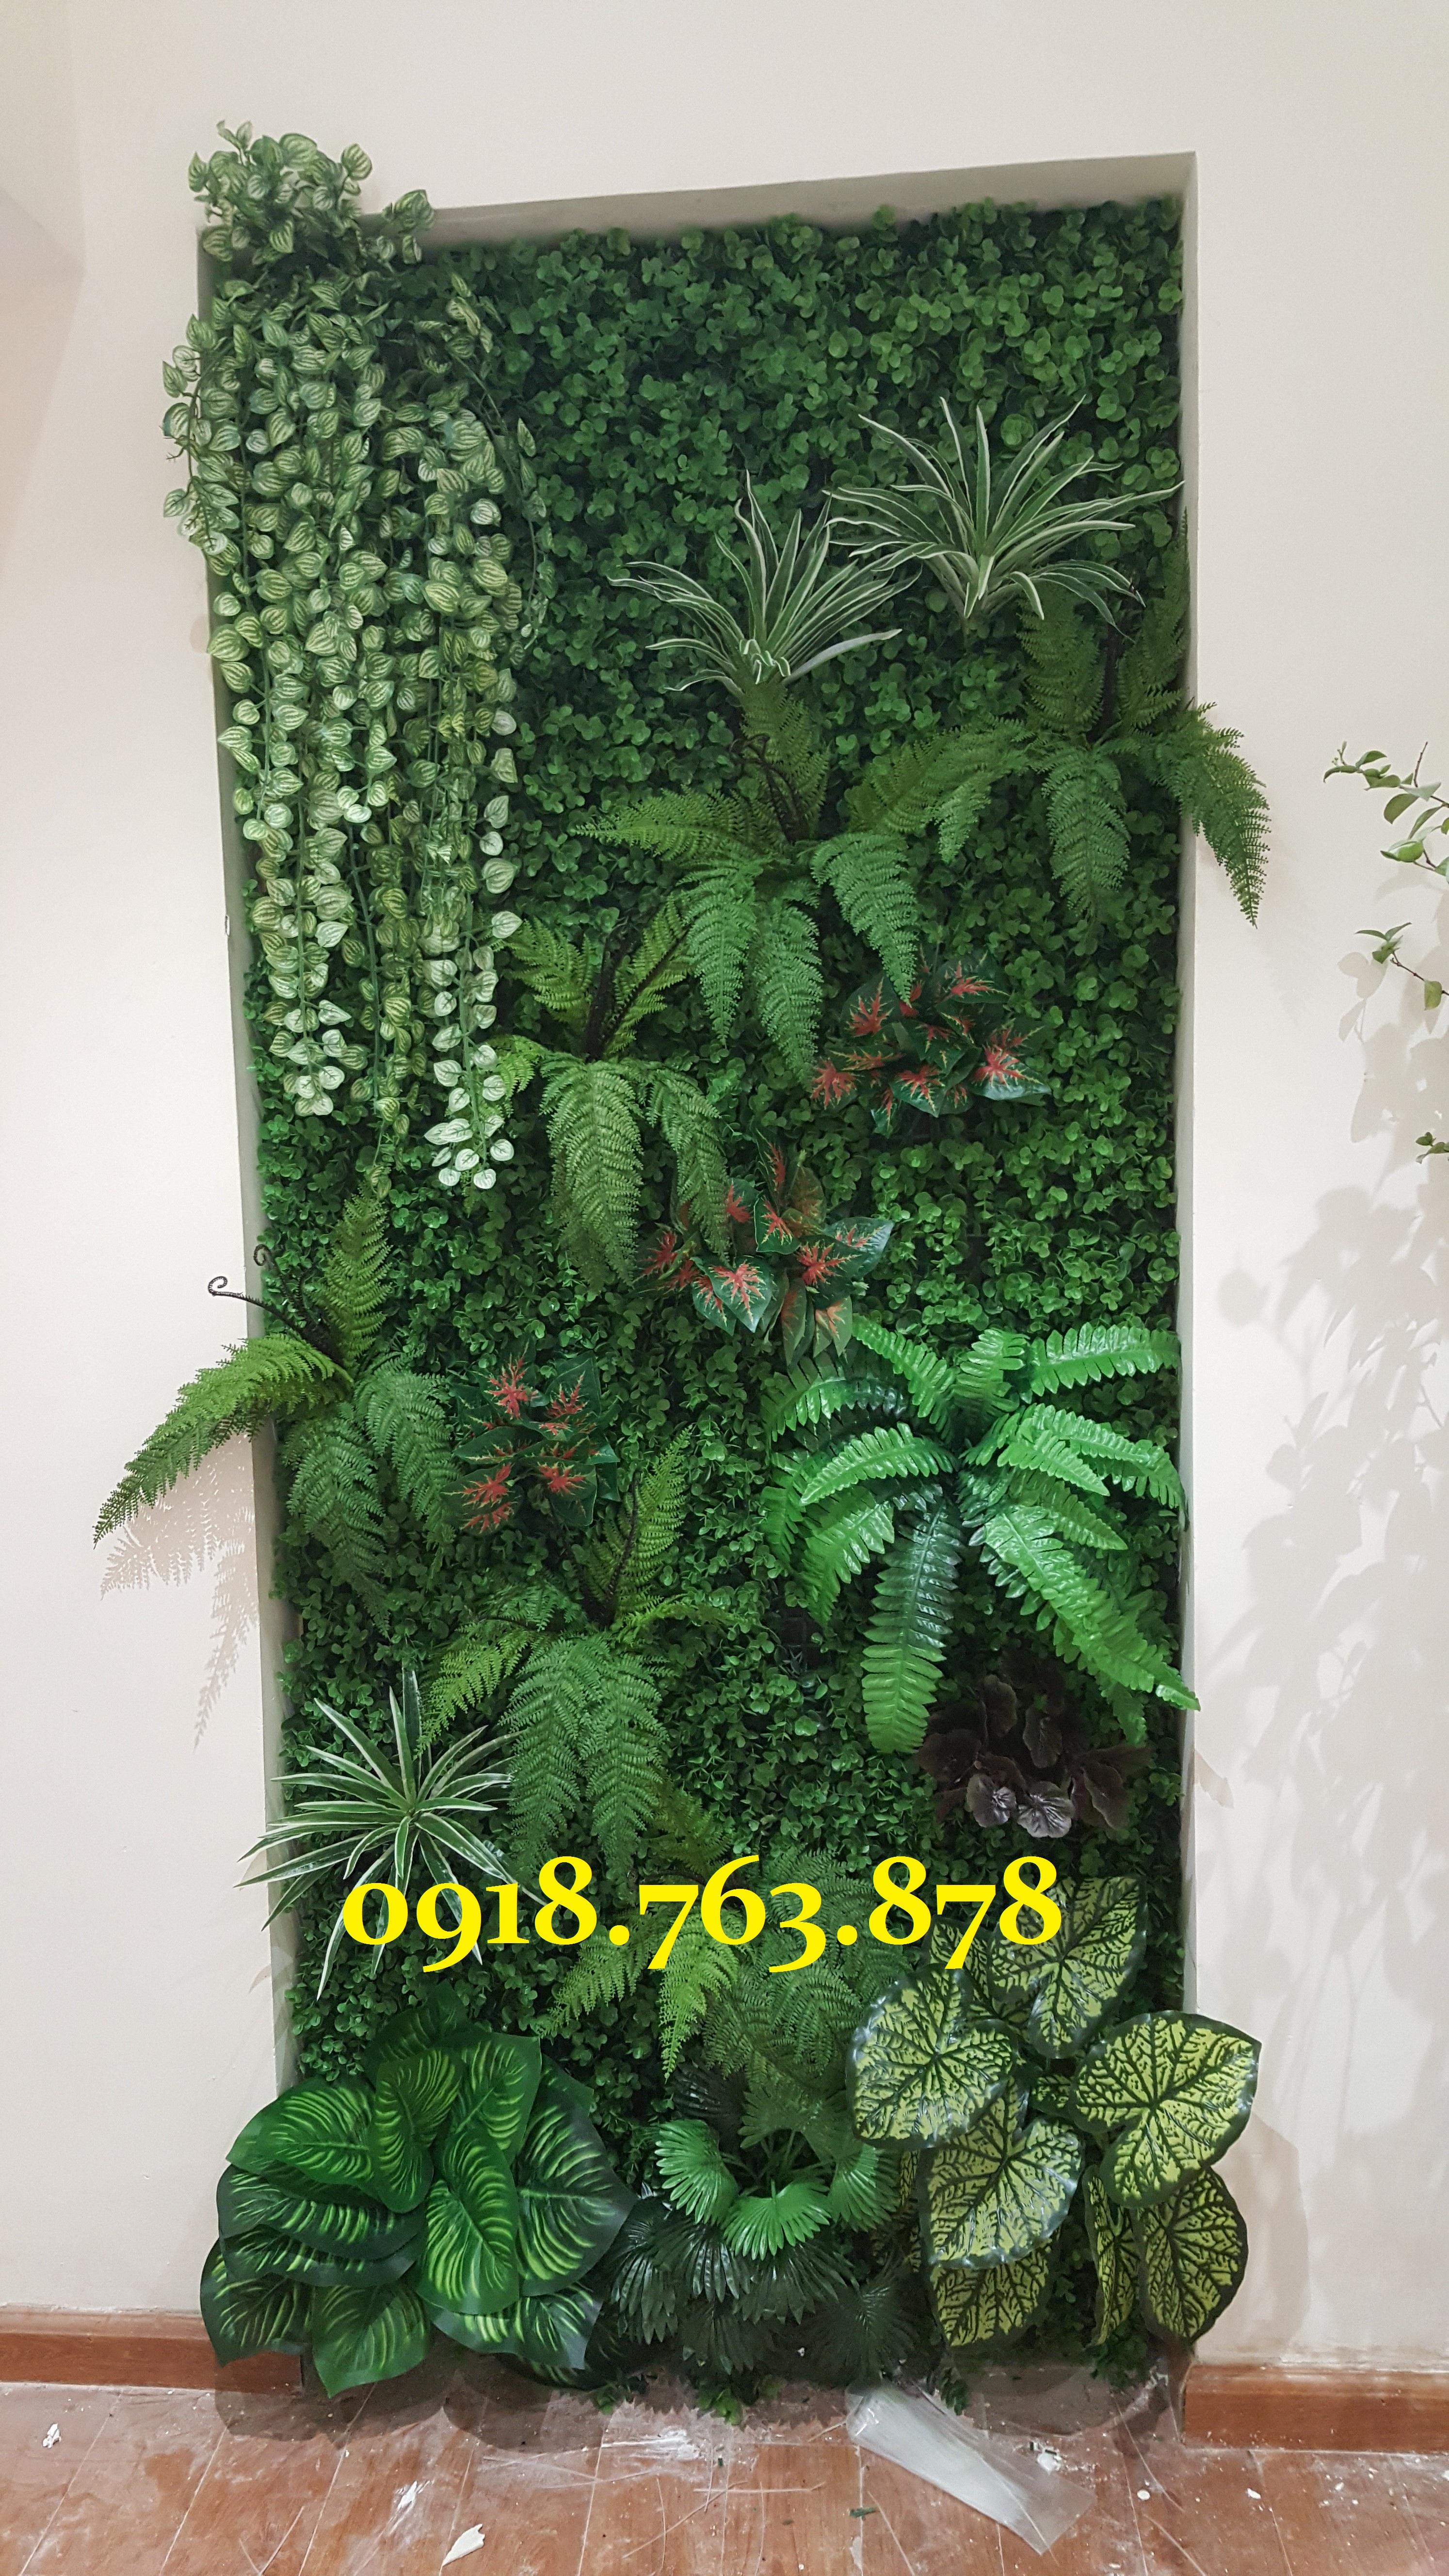 Thi công tường cây giả ở quận Gò Vấp, q gò vấp tphcm, hcm